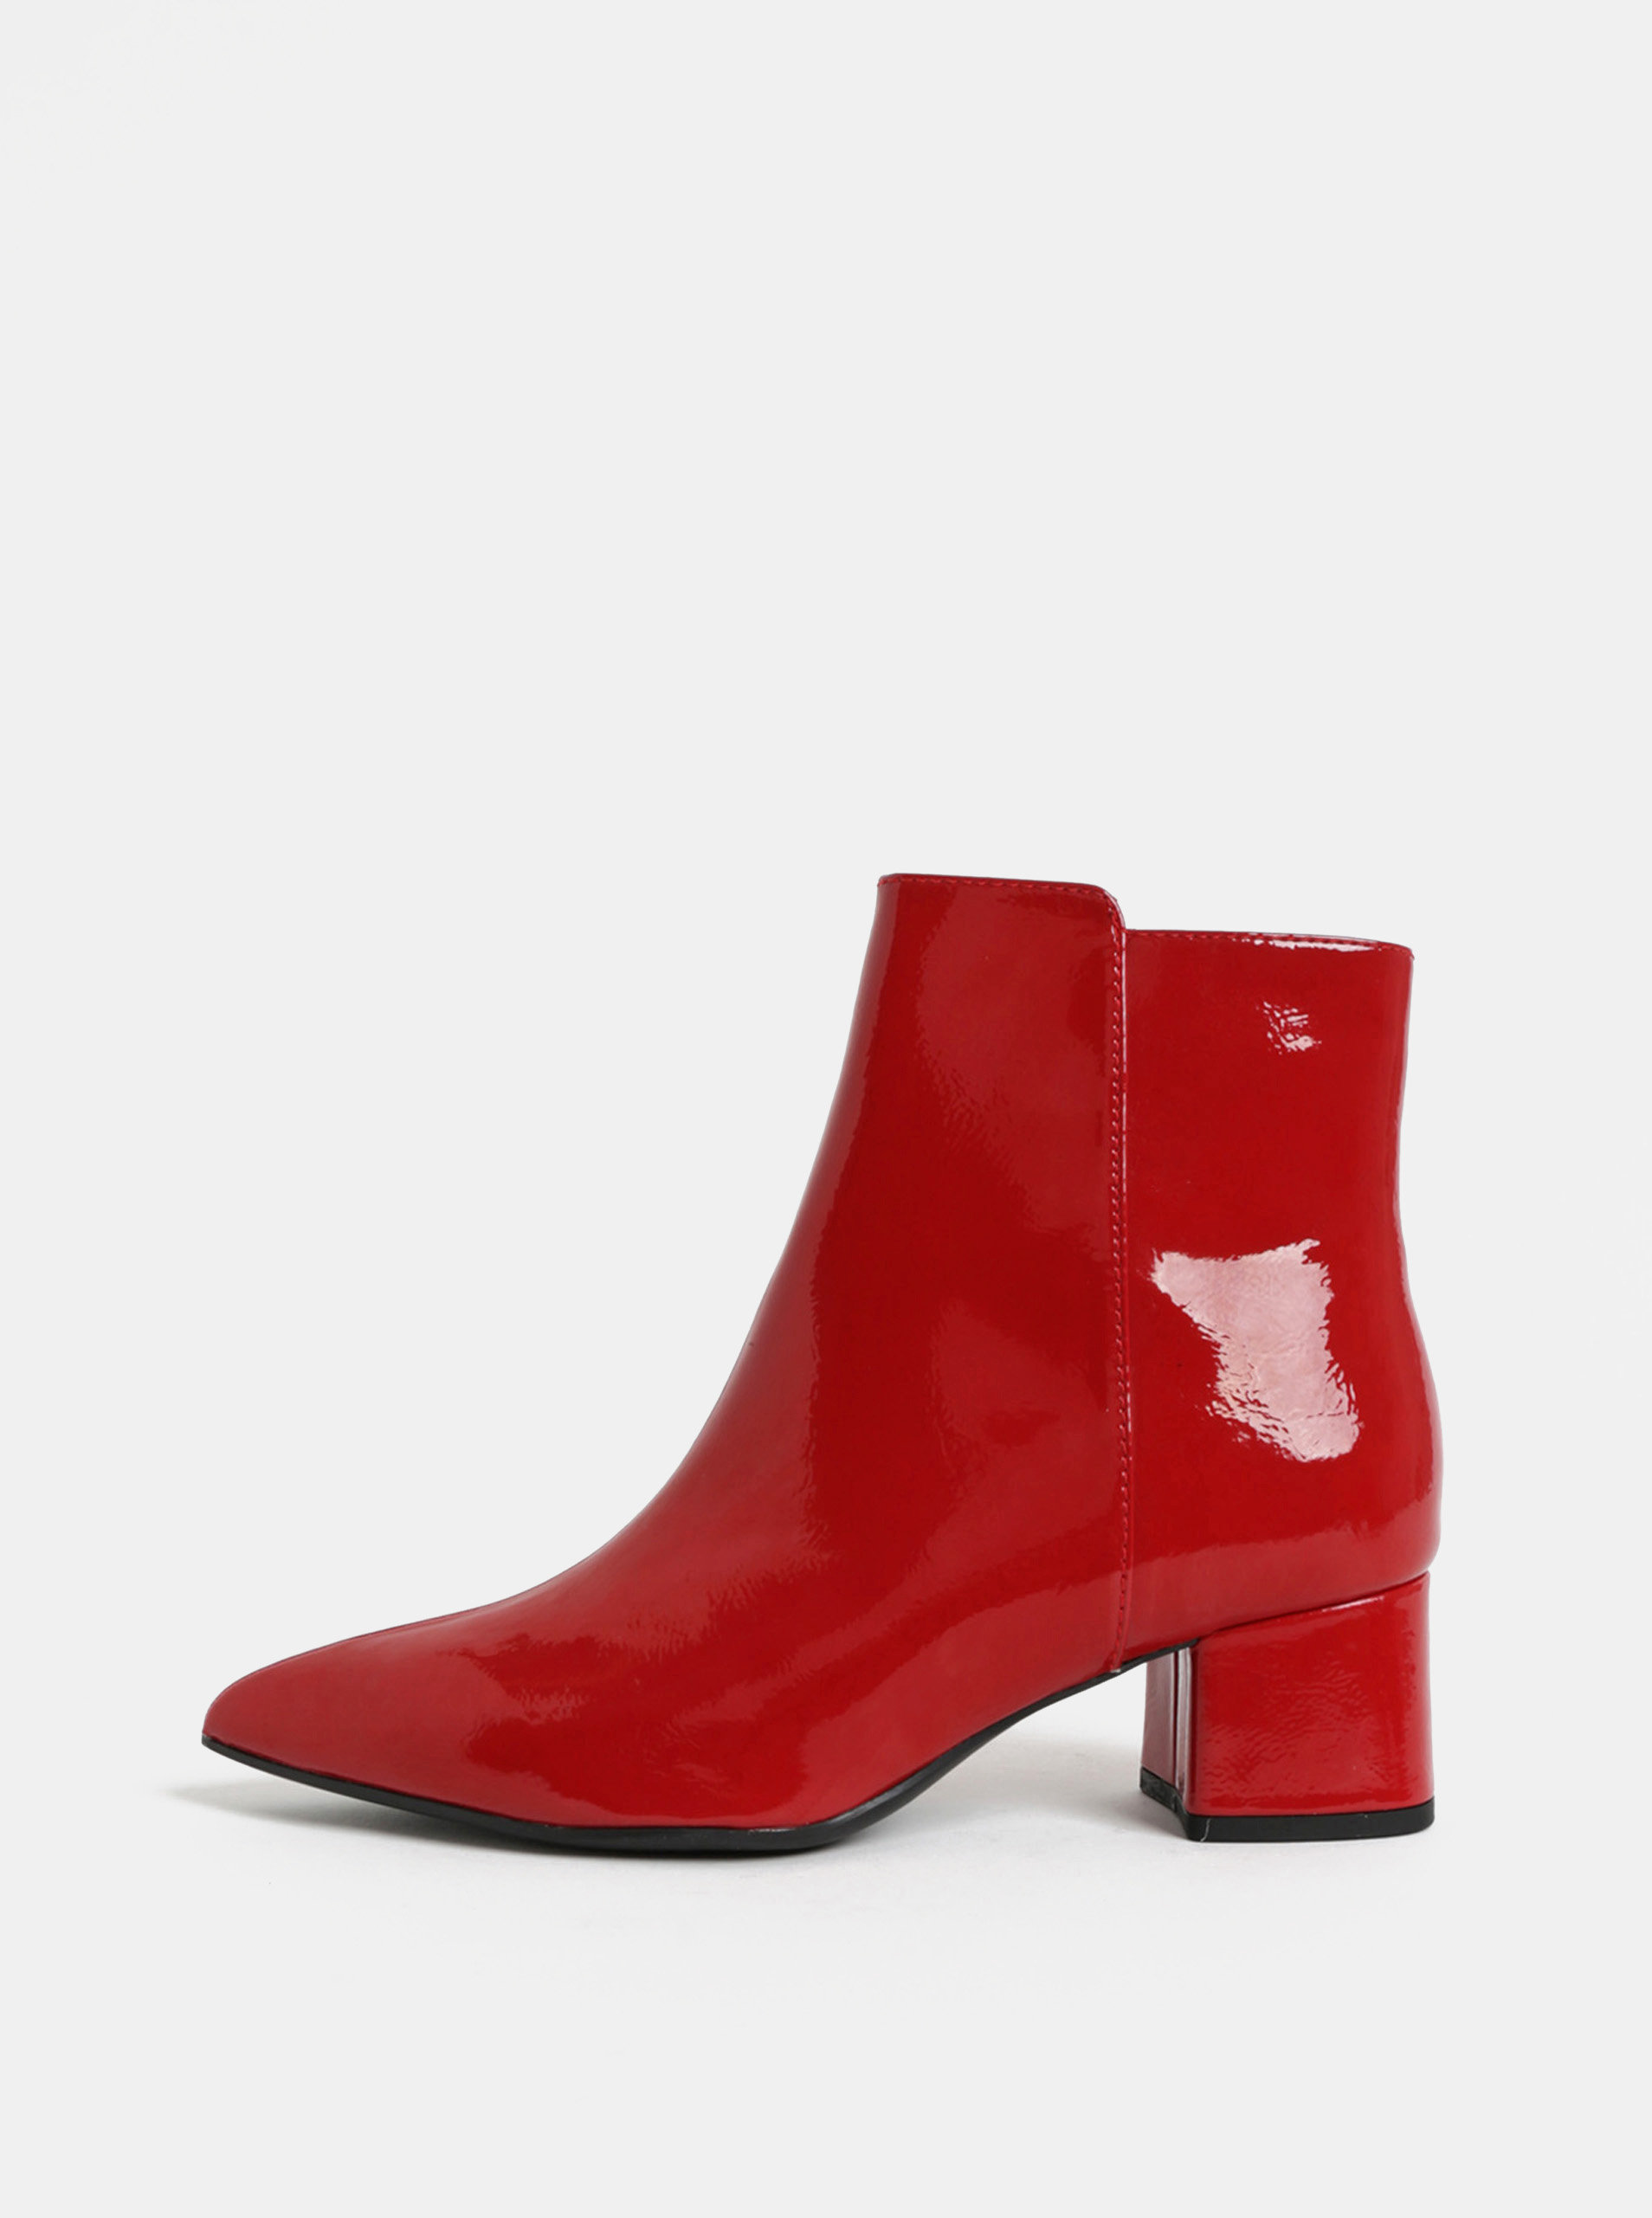 c25e80dfb8e Červené lesklé kotníkové boty na nízkém podpatku Tamaris ...